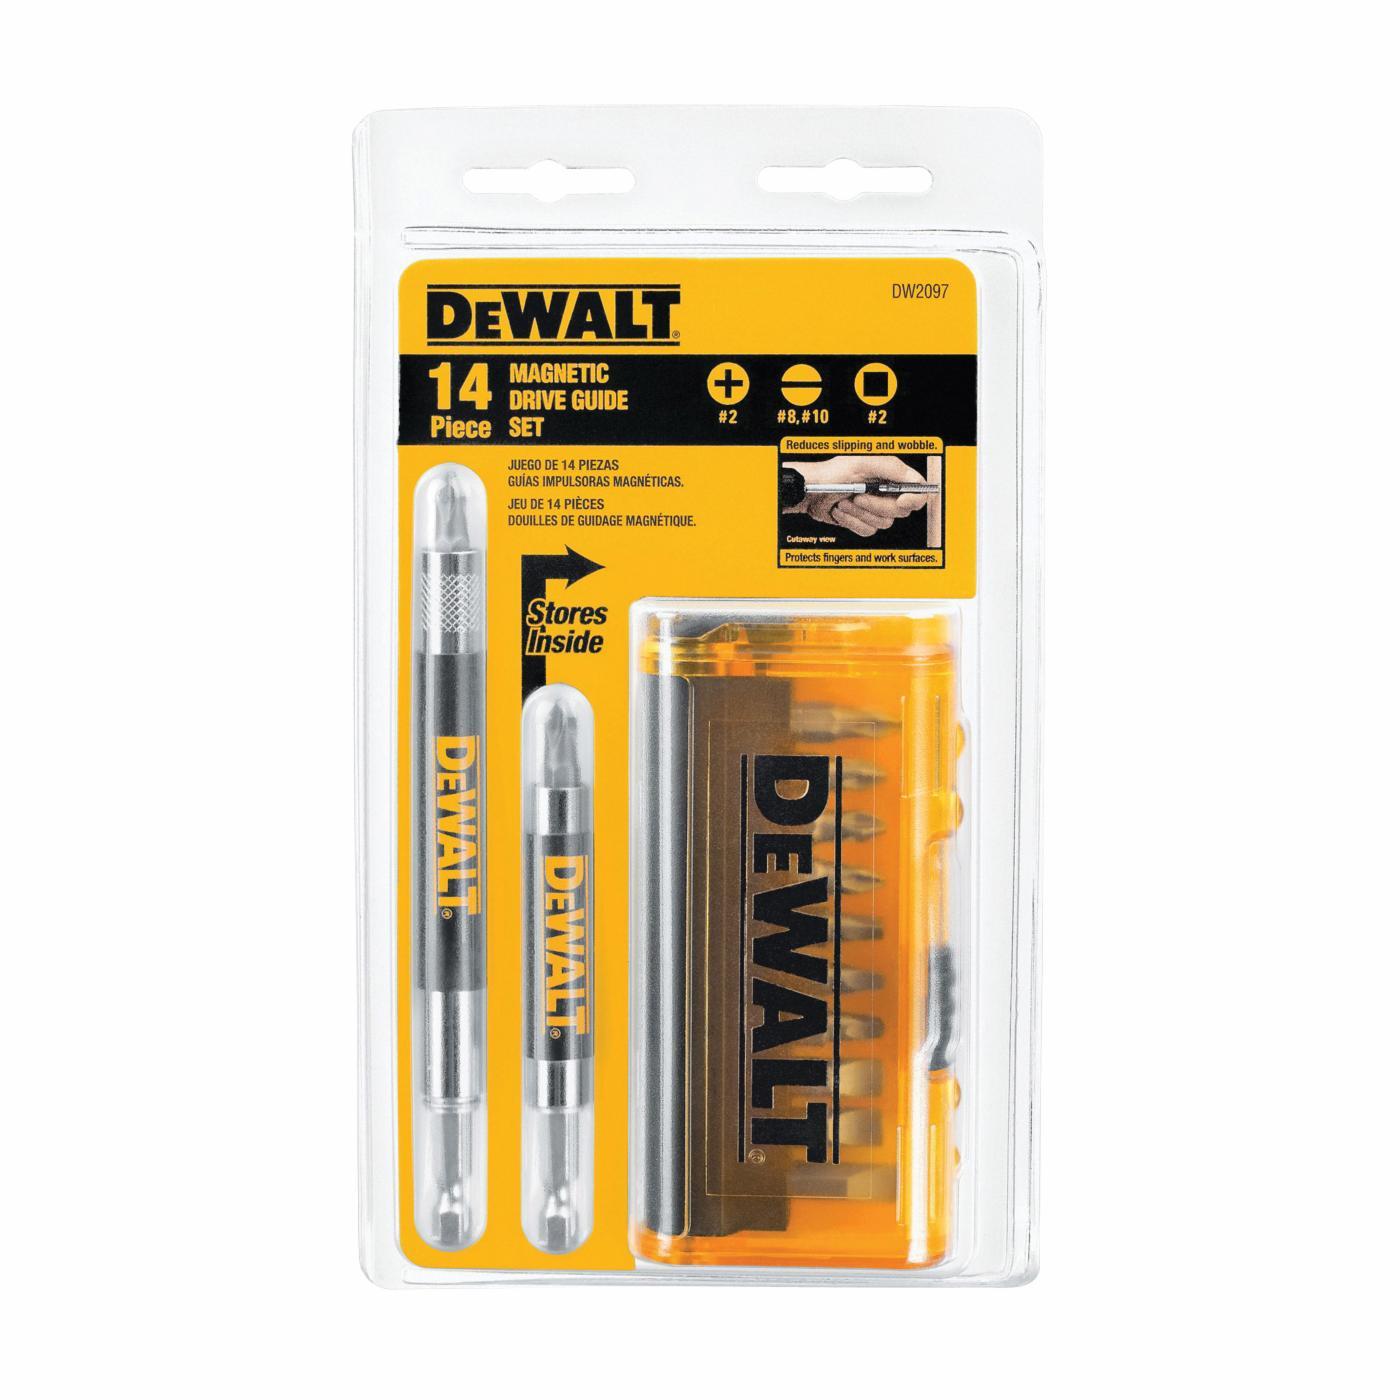 DeWALT DW2097CS